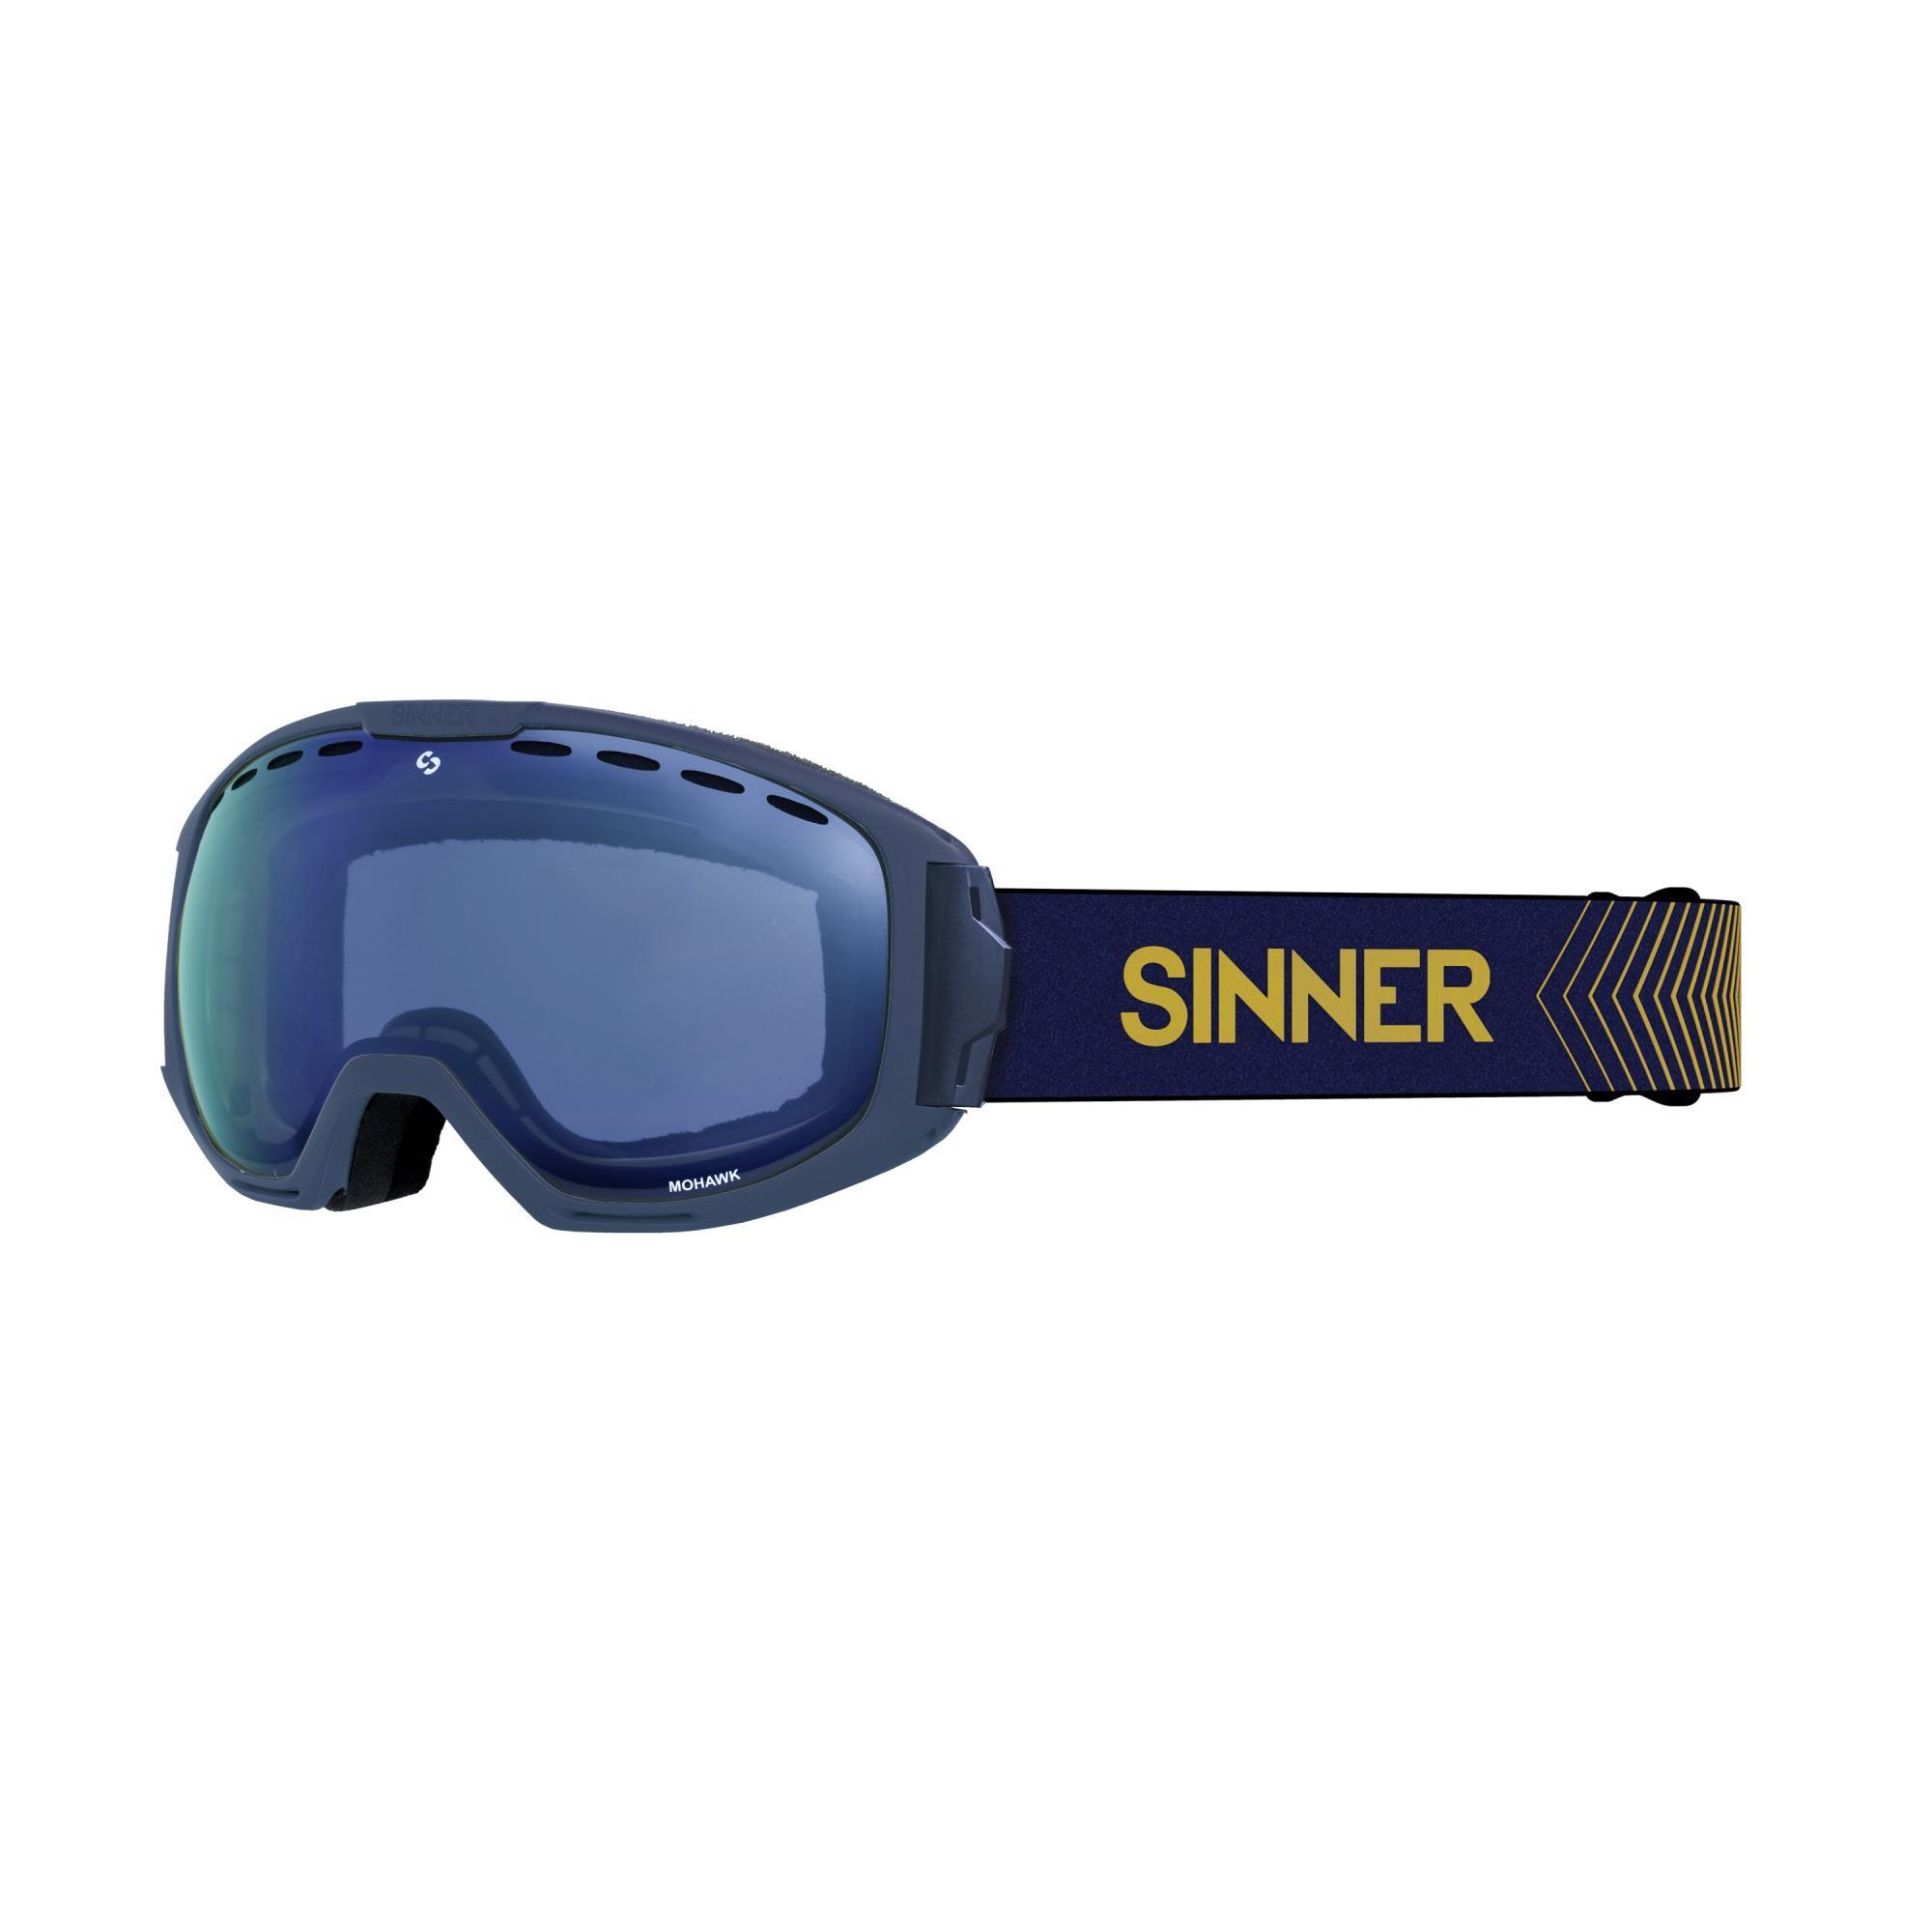 Sinner Mohawk Skibril - Blauw - Blauwe Spiegellens + Extra Roze Lens